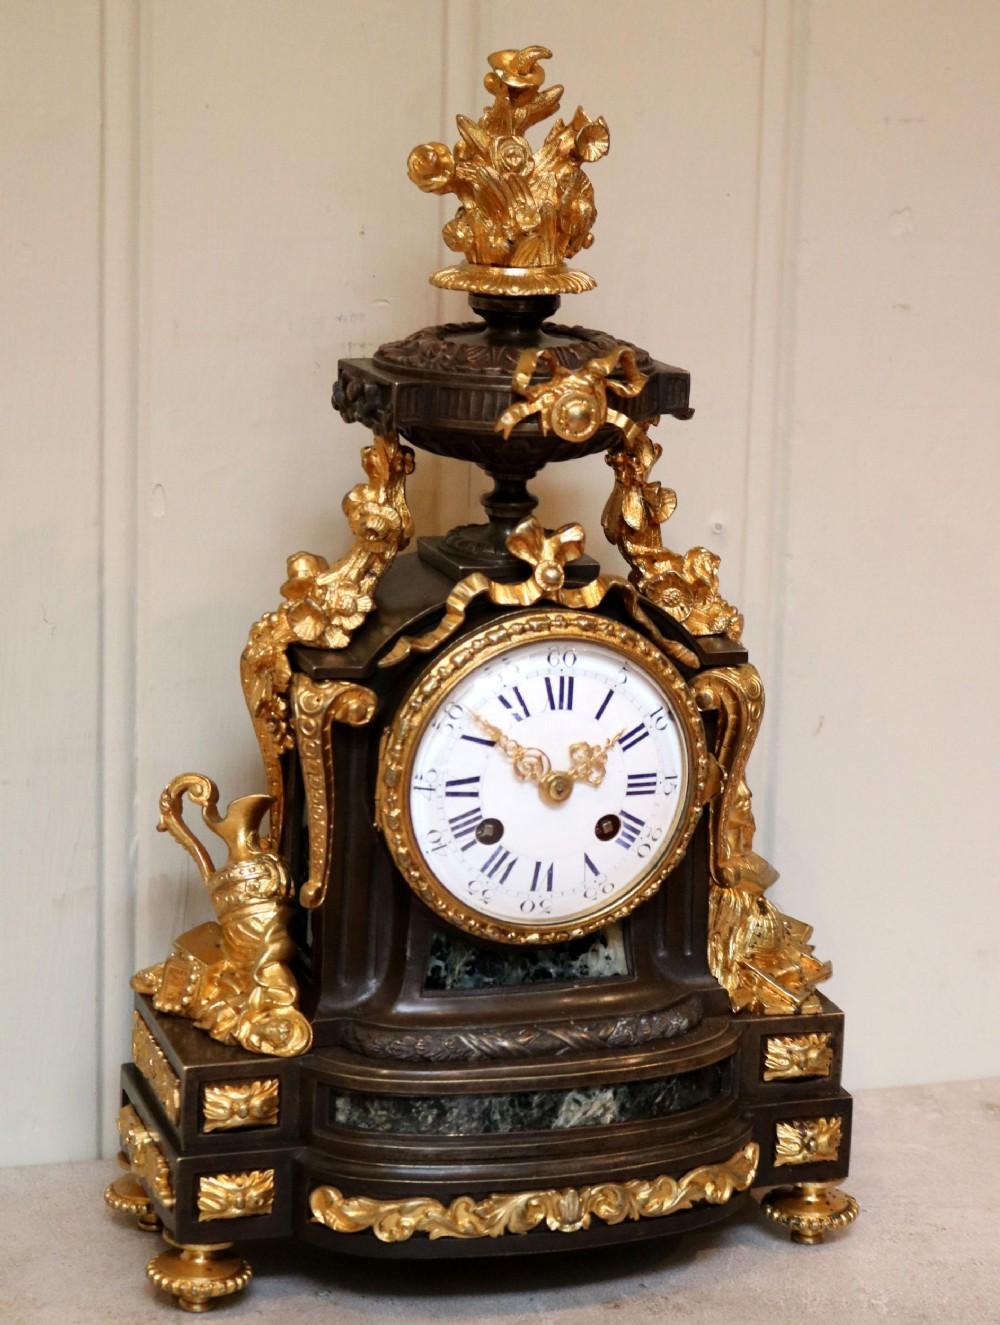 french louis xvi style parcelgilt bronze mantel clock